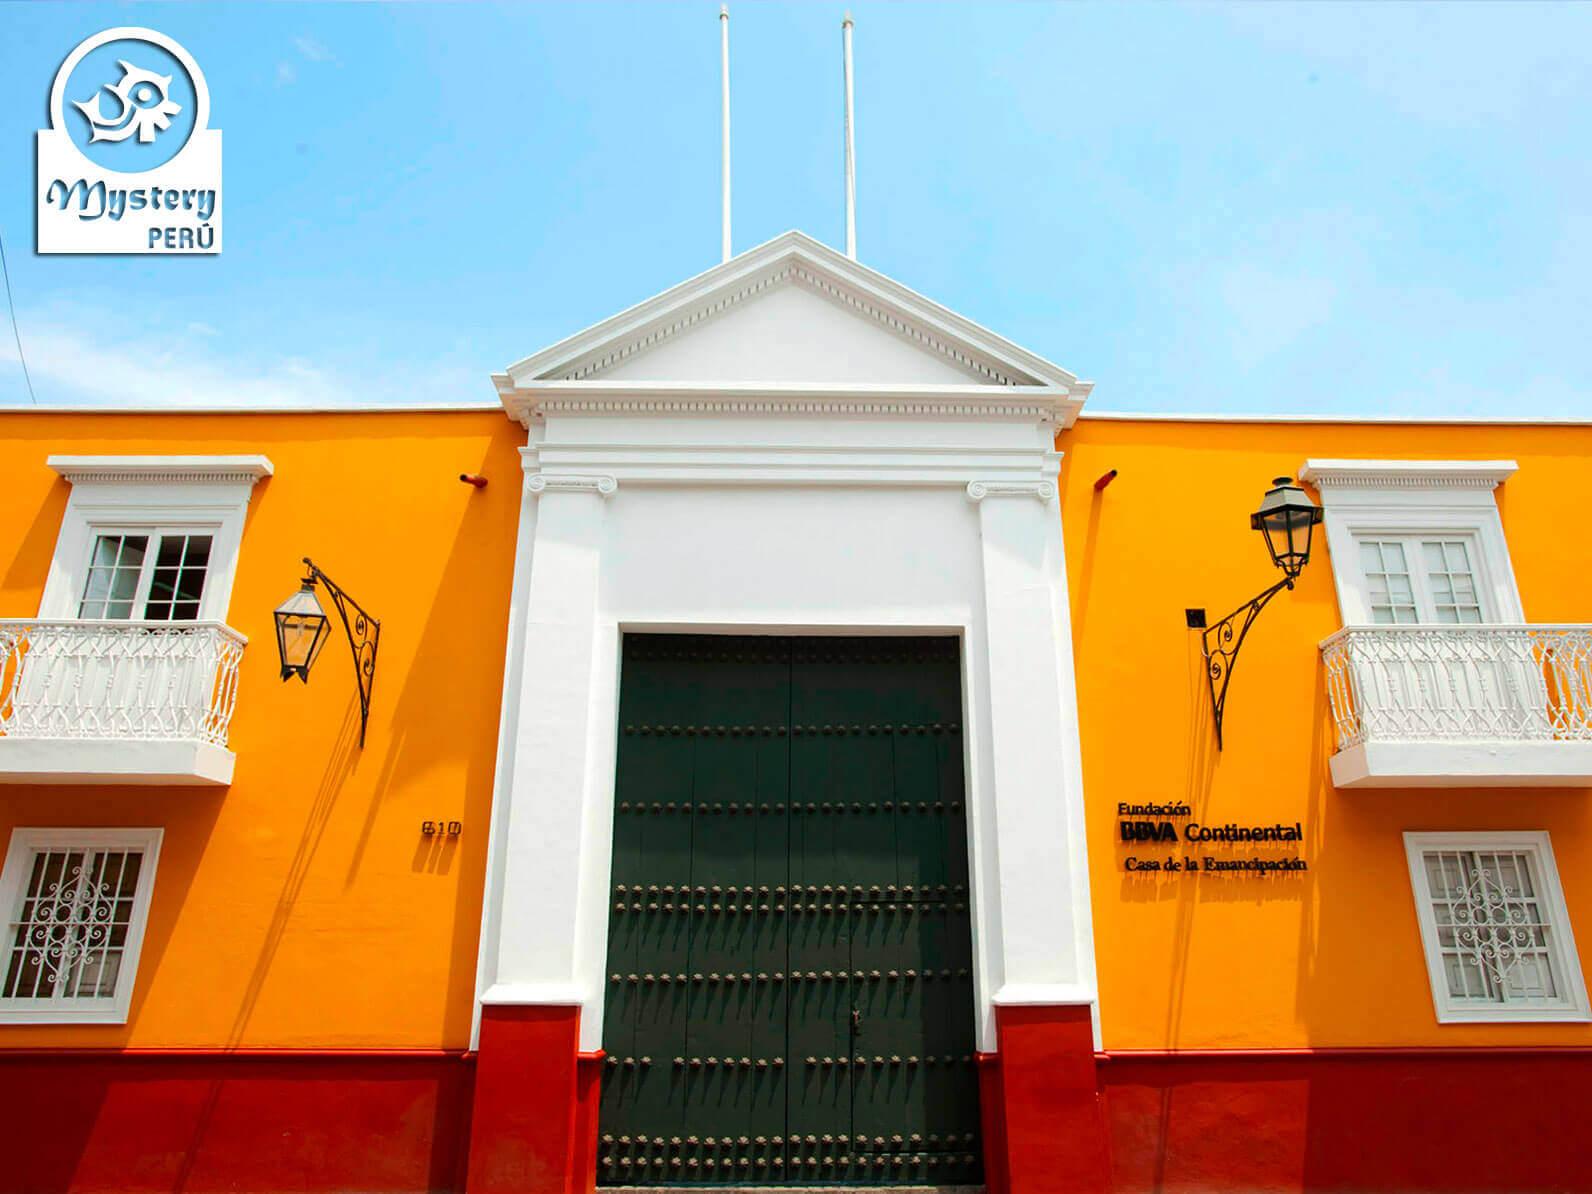 Emancipation House in Trujillo Peru.